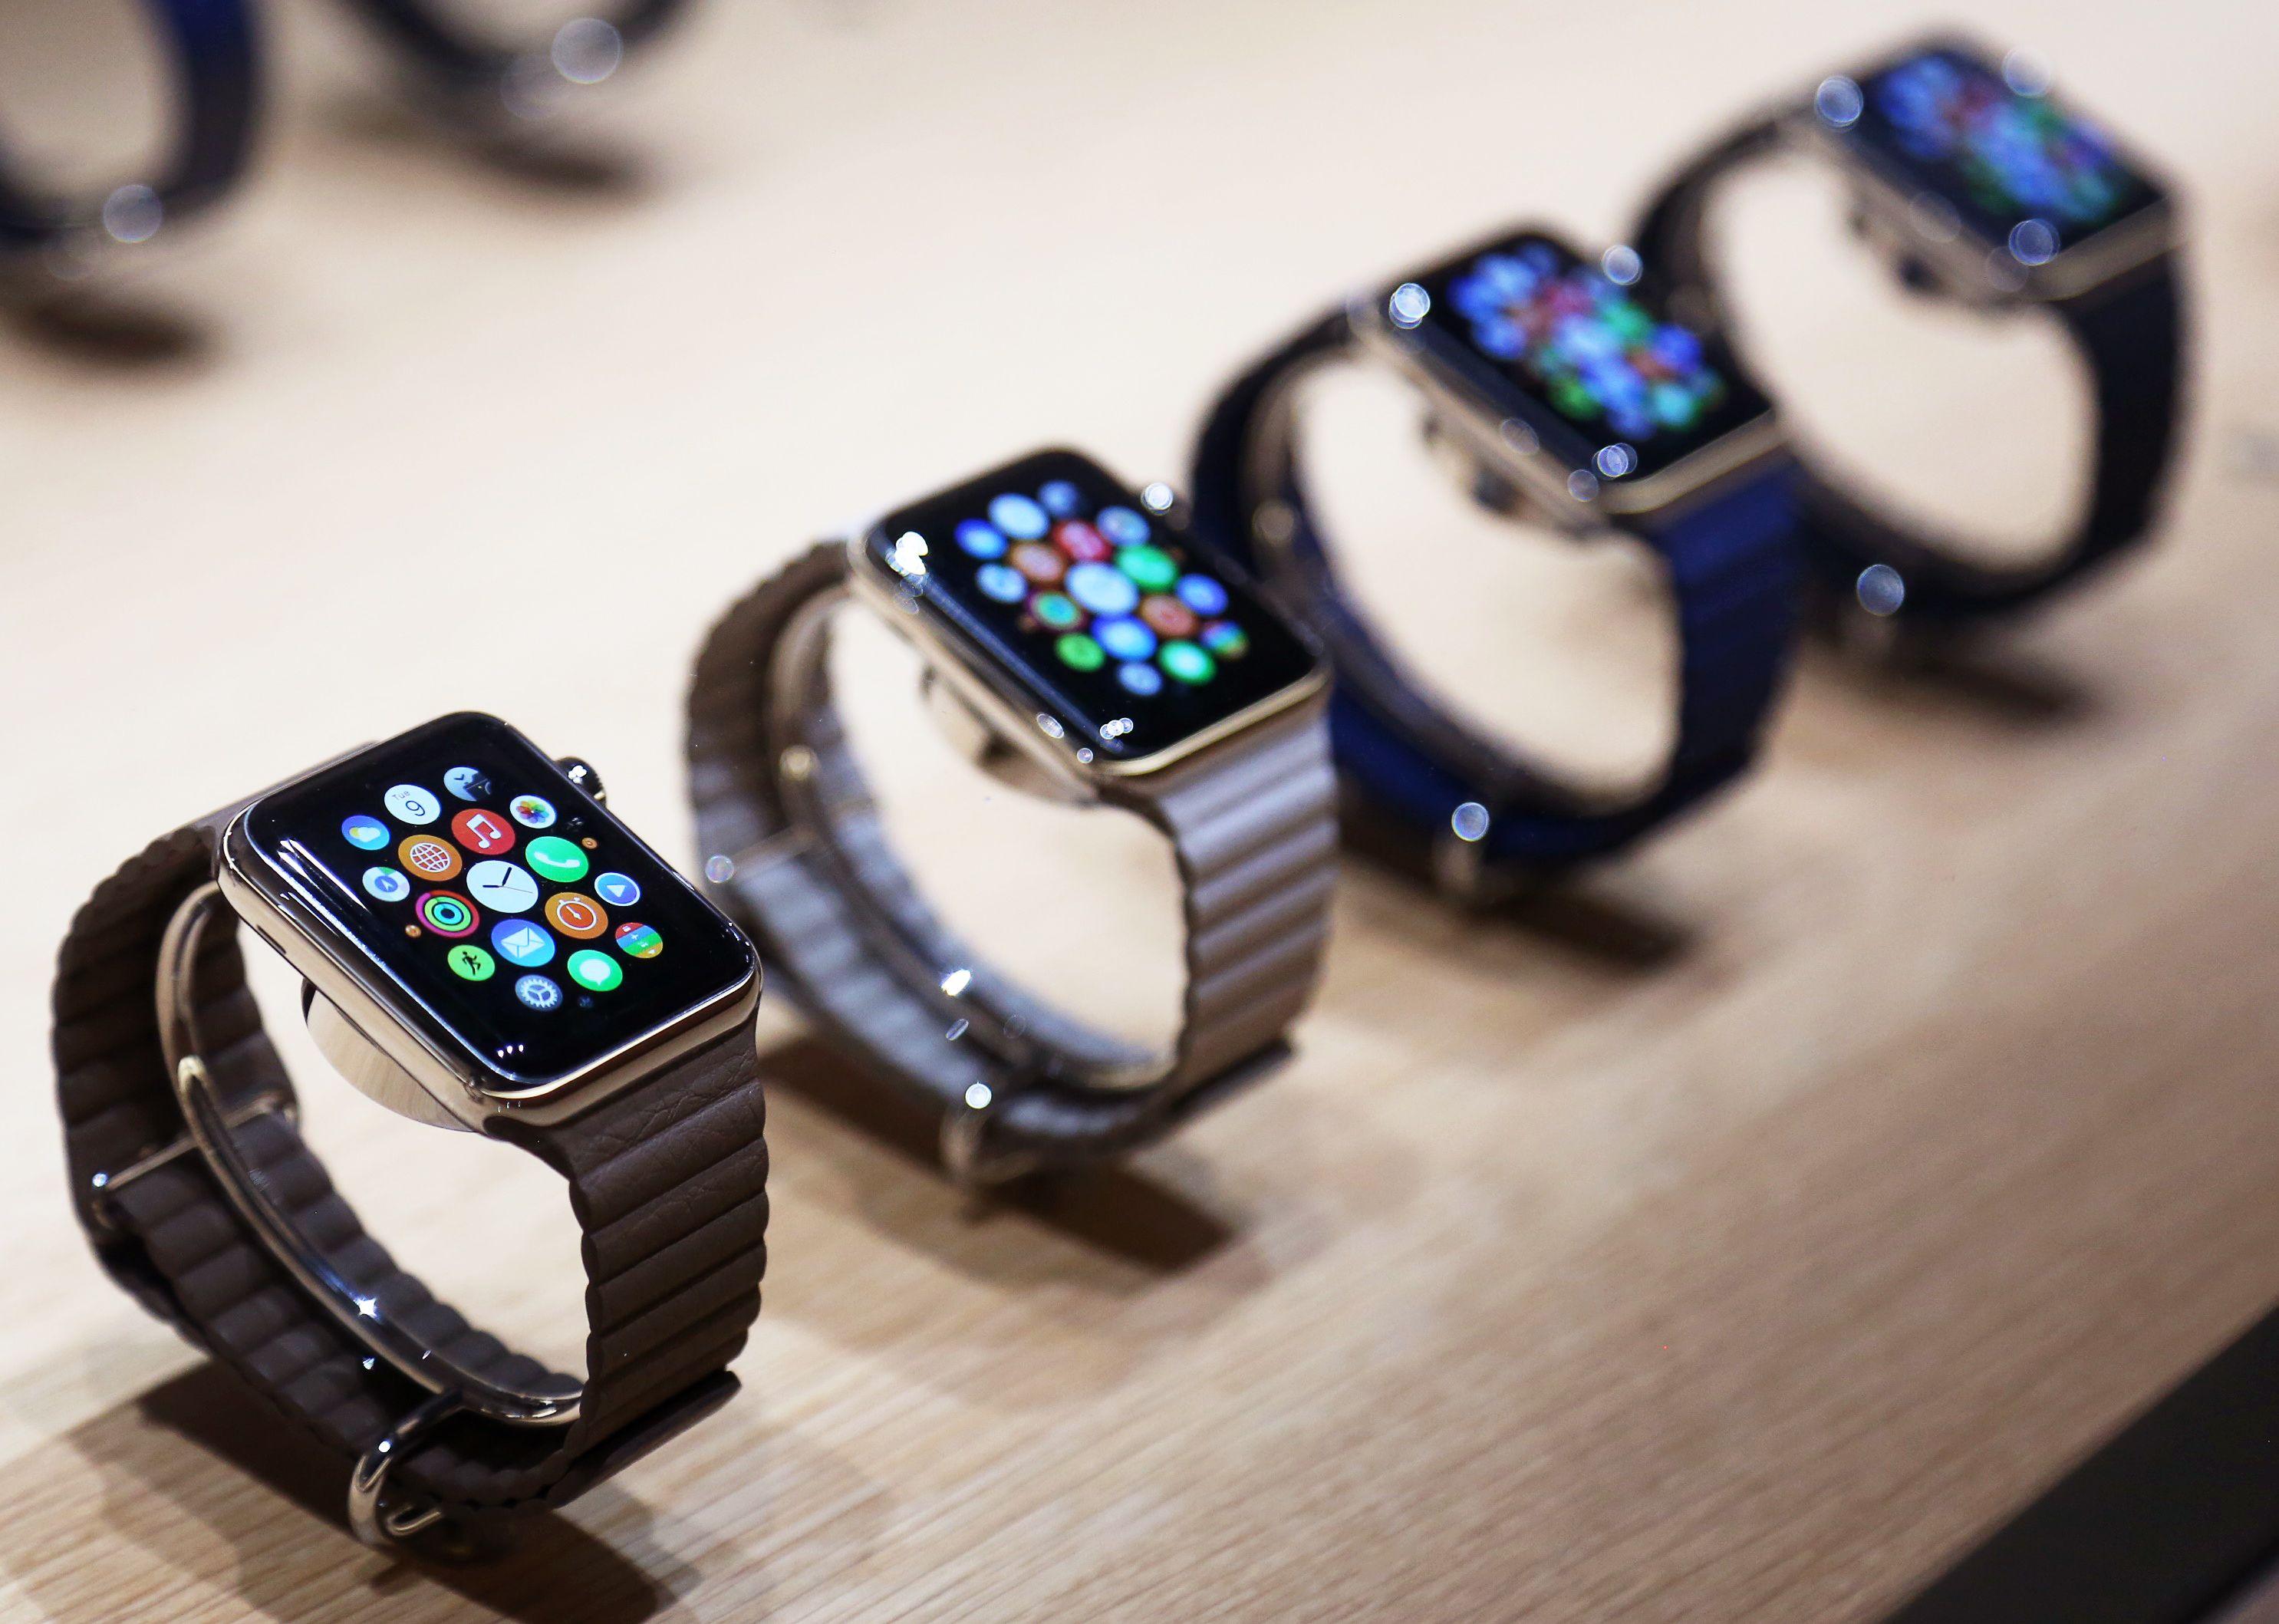 L'Apple Watch n'attire pas encore les foules dans les magasins.